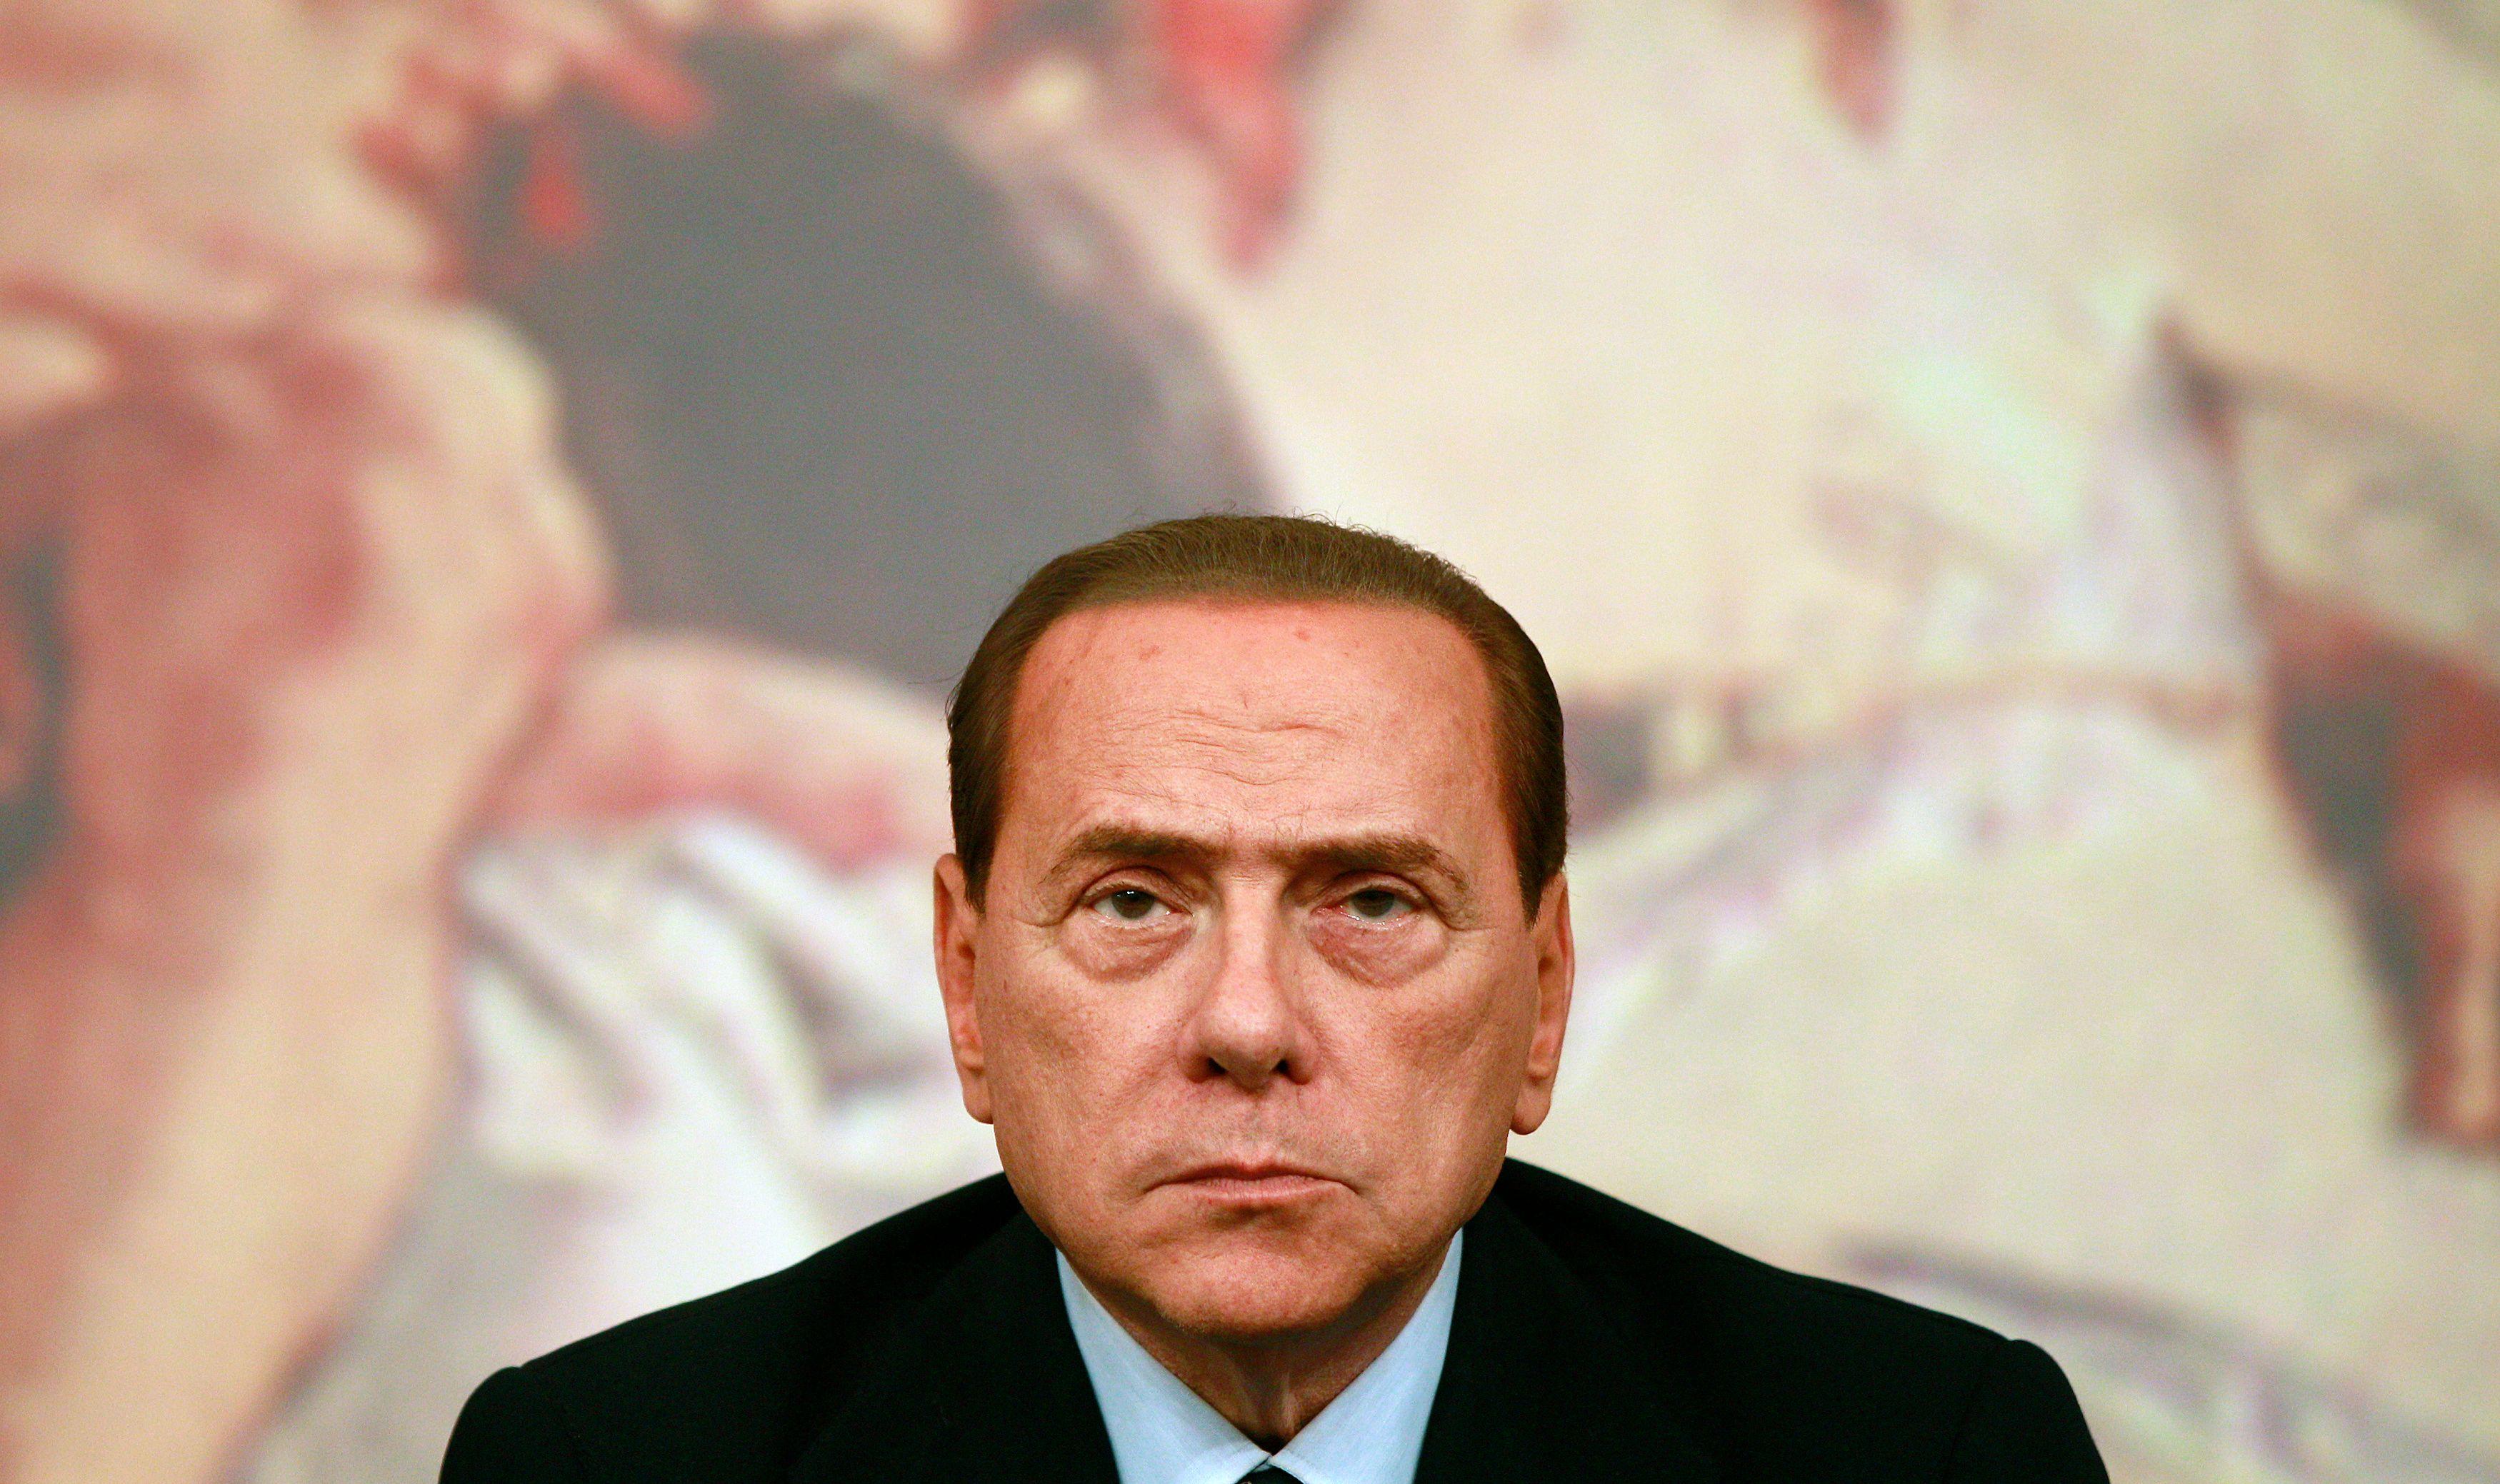 Il s'agit de la première condamnation définitive à l'encontre de Silvio Berlusconi.